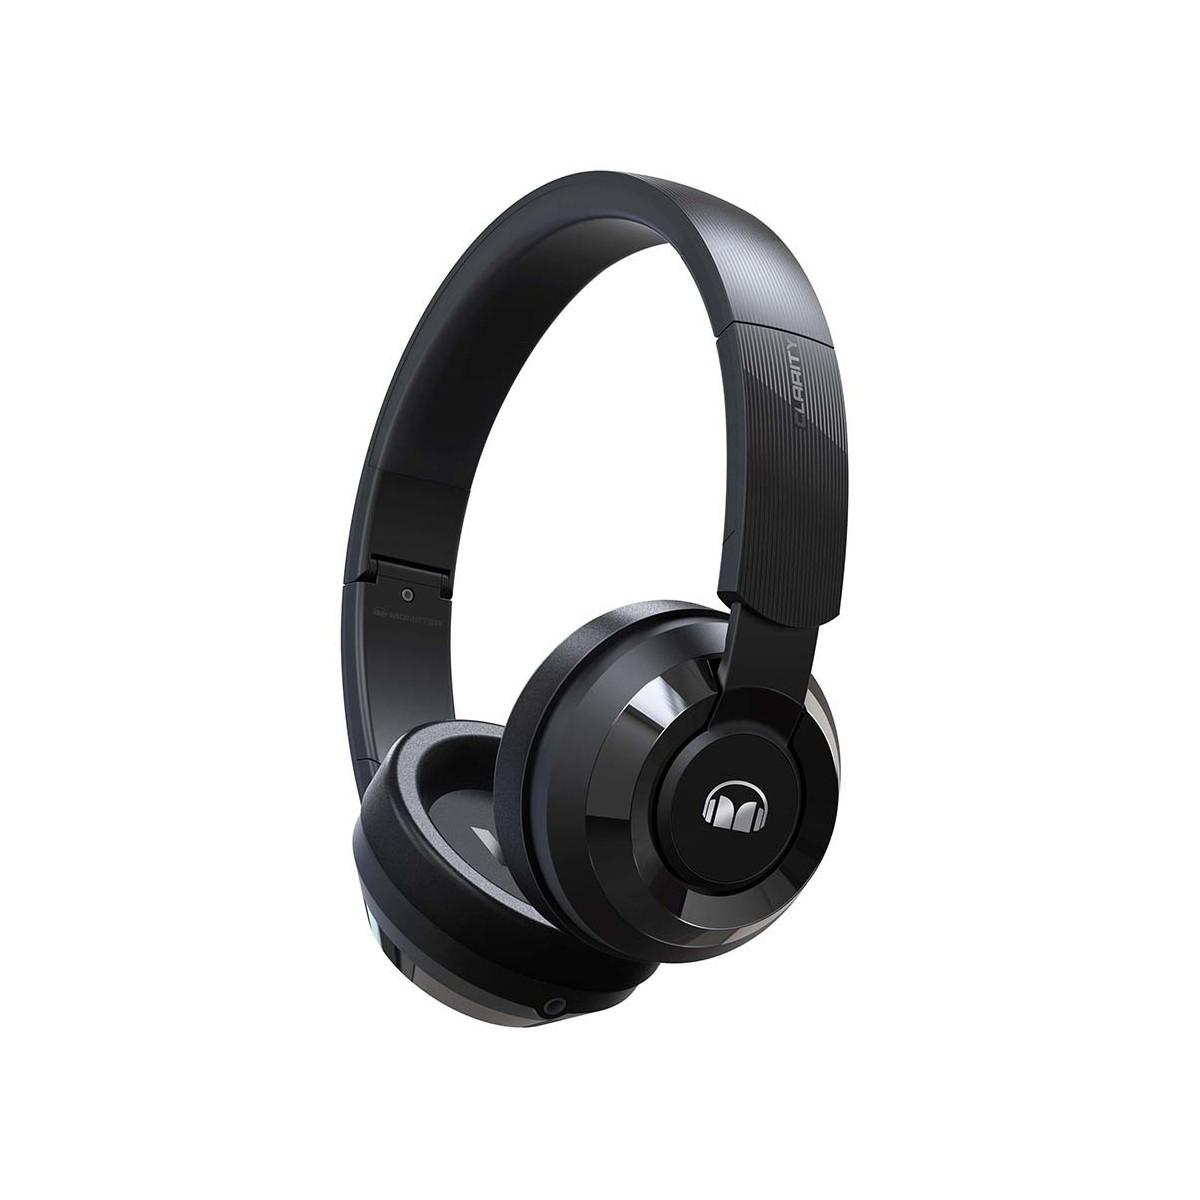 Nauszne słuchawki przewodowe Monster Clarity 100 czarne - outlet - GLO 98135